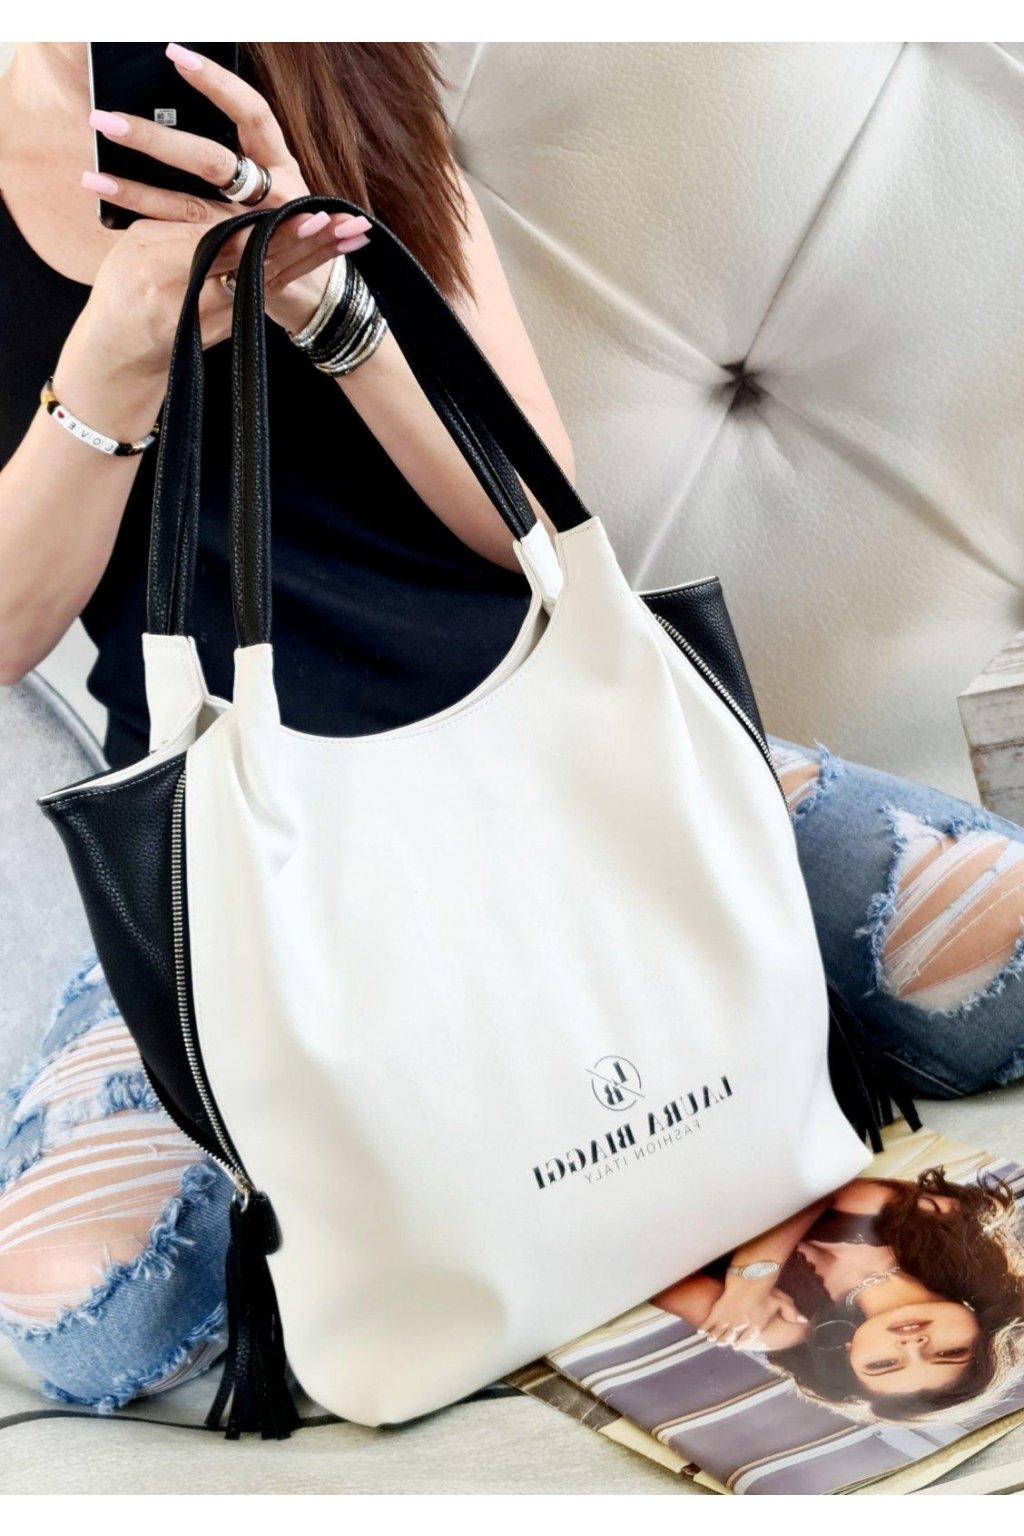 Laura biaggi značková kabelka luxusní trendy italy fashion bíločerná